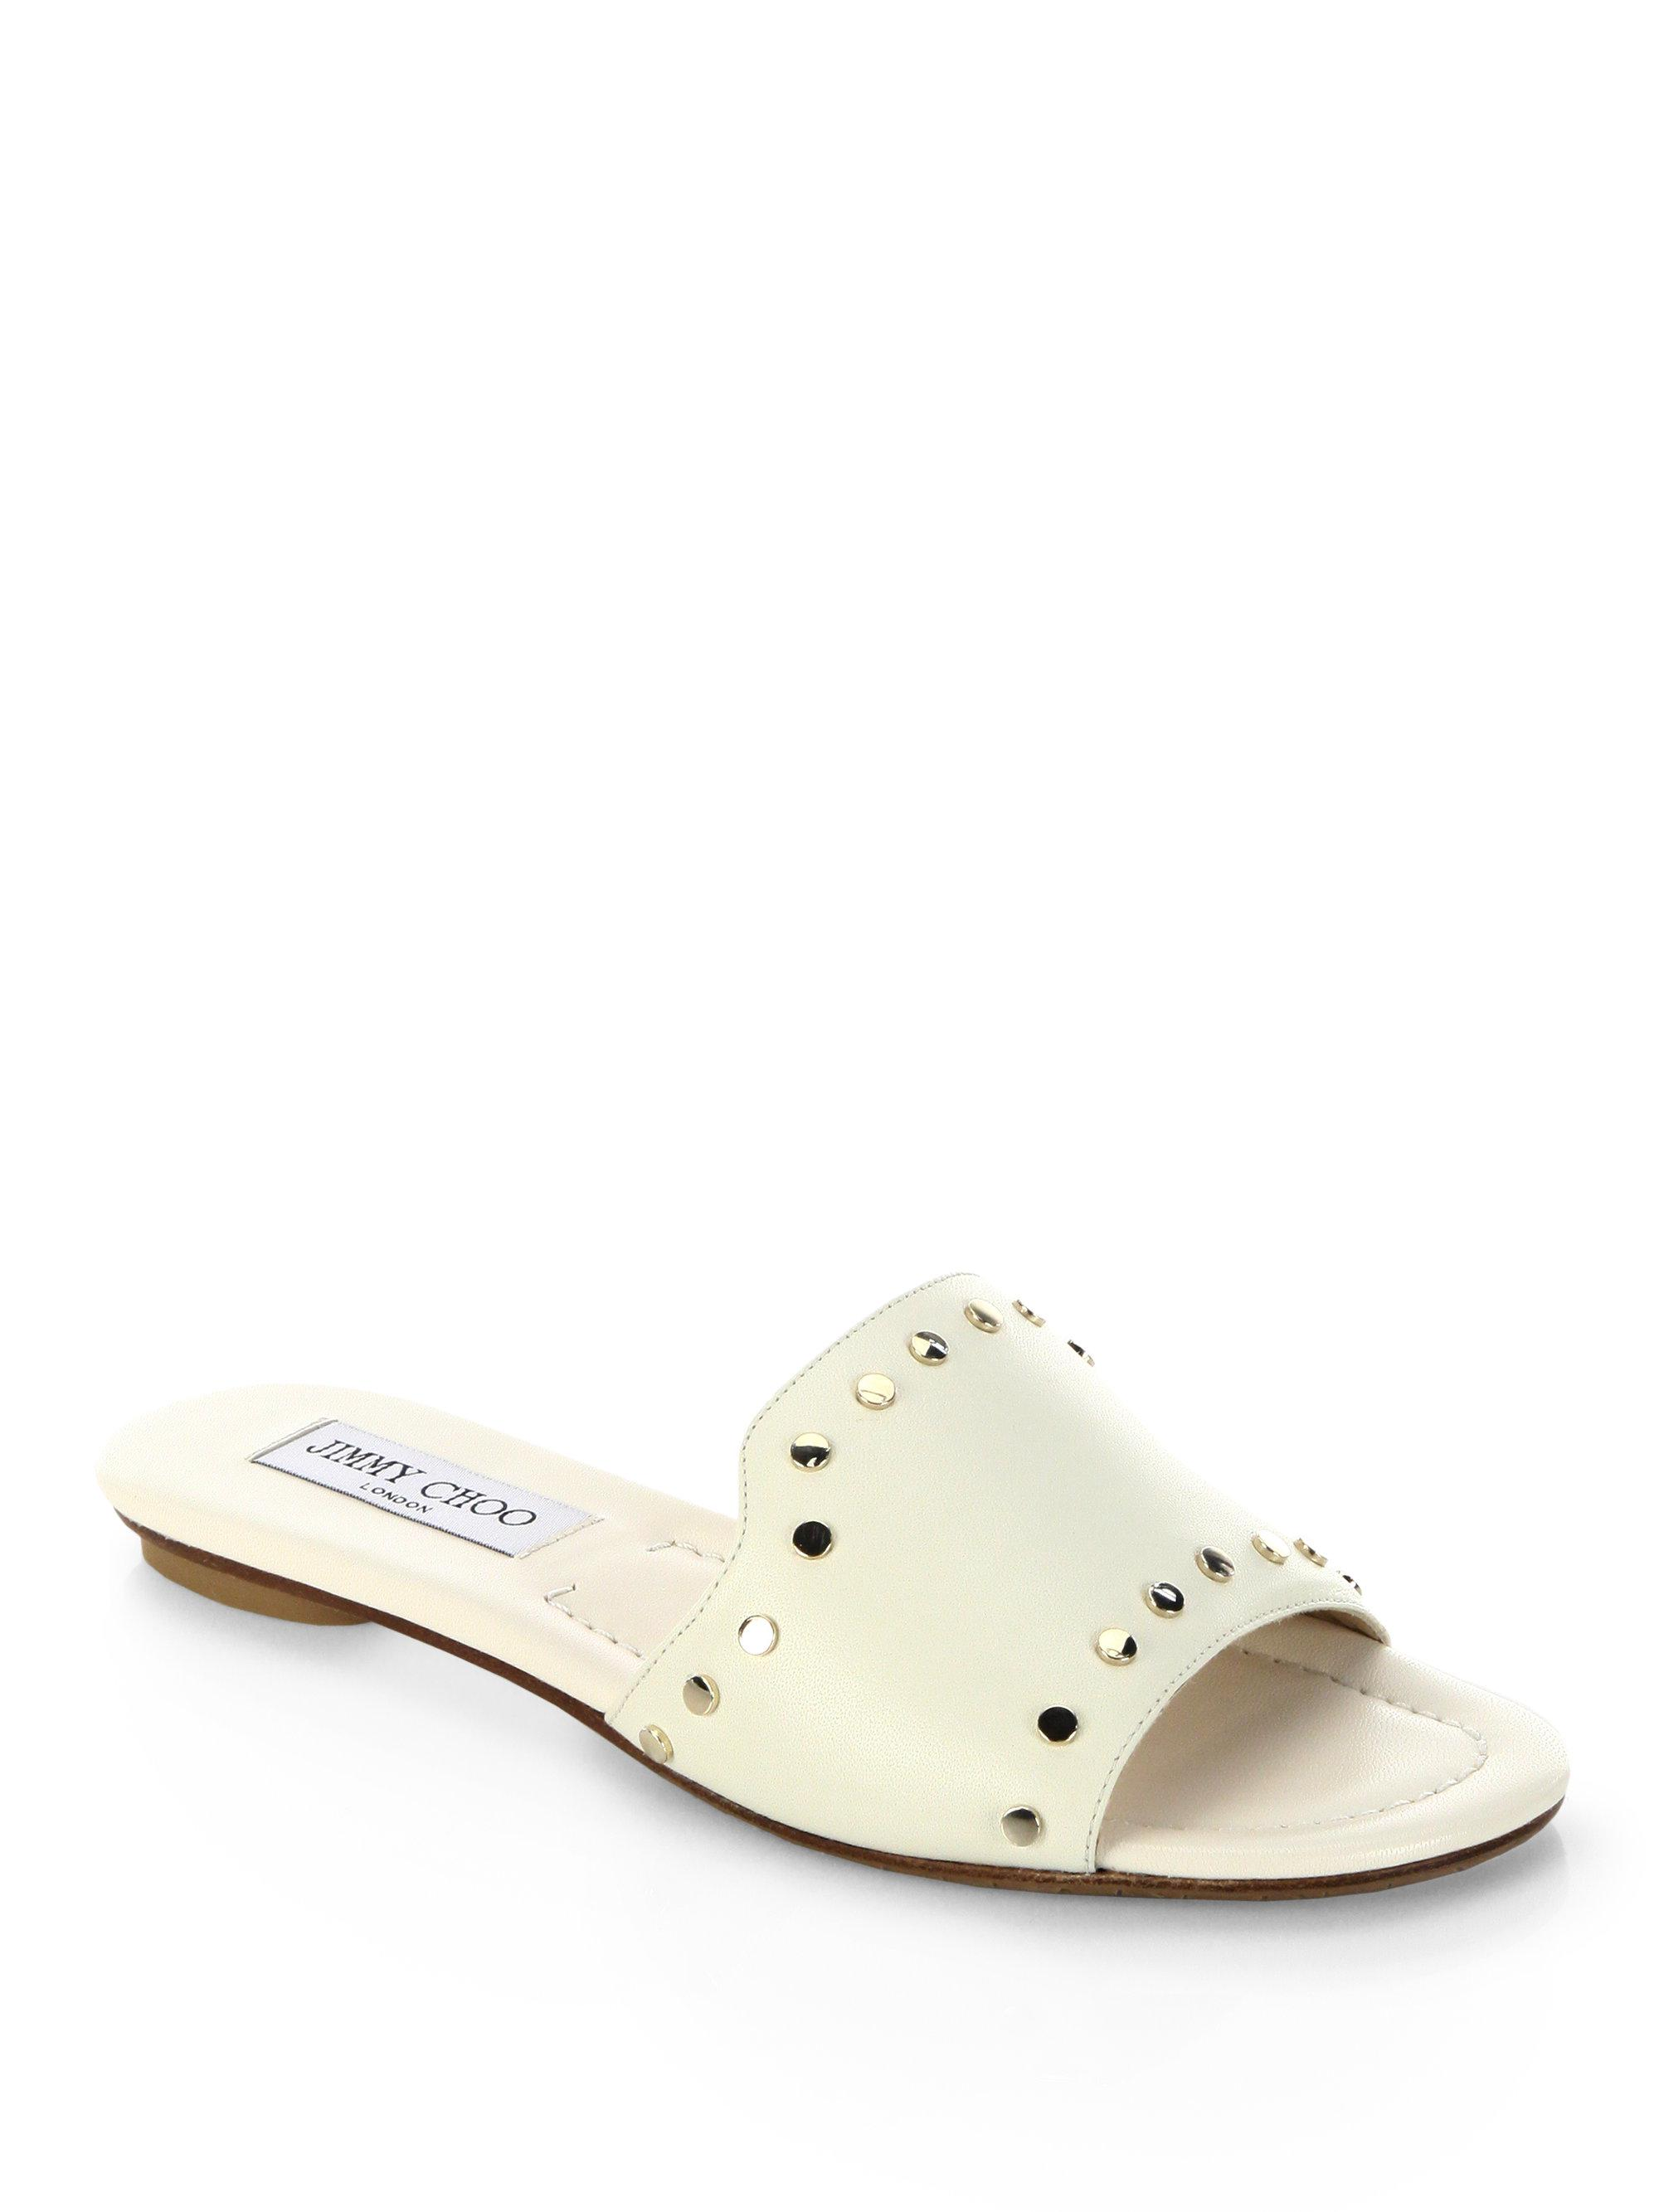 Jimmy choo Nanda NWU Studded Leather Slides 3suUihPez